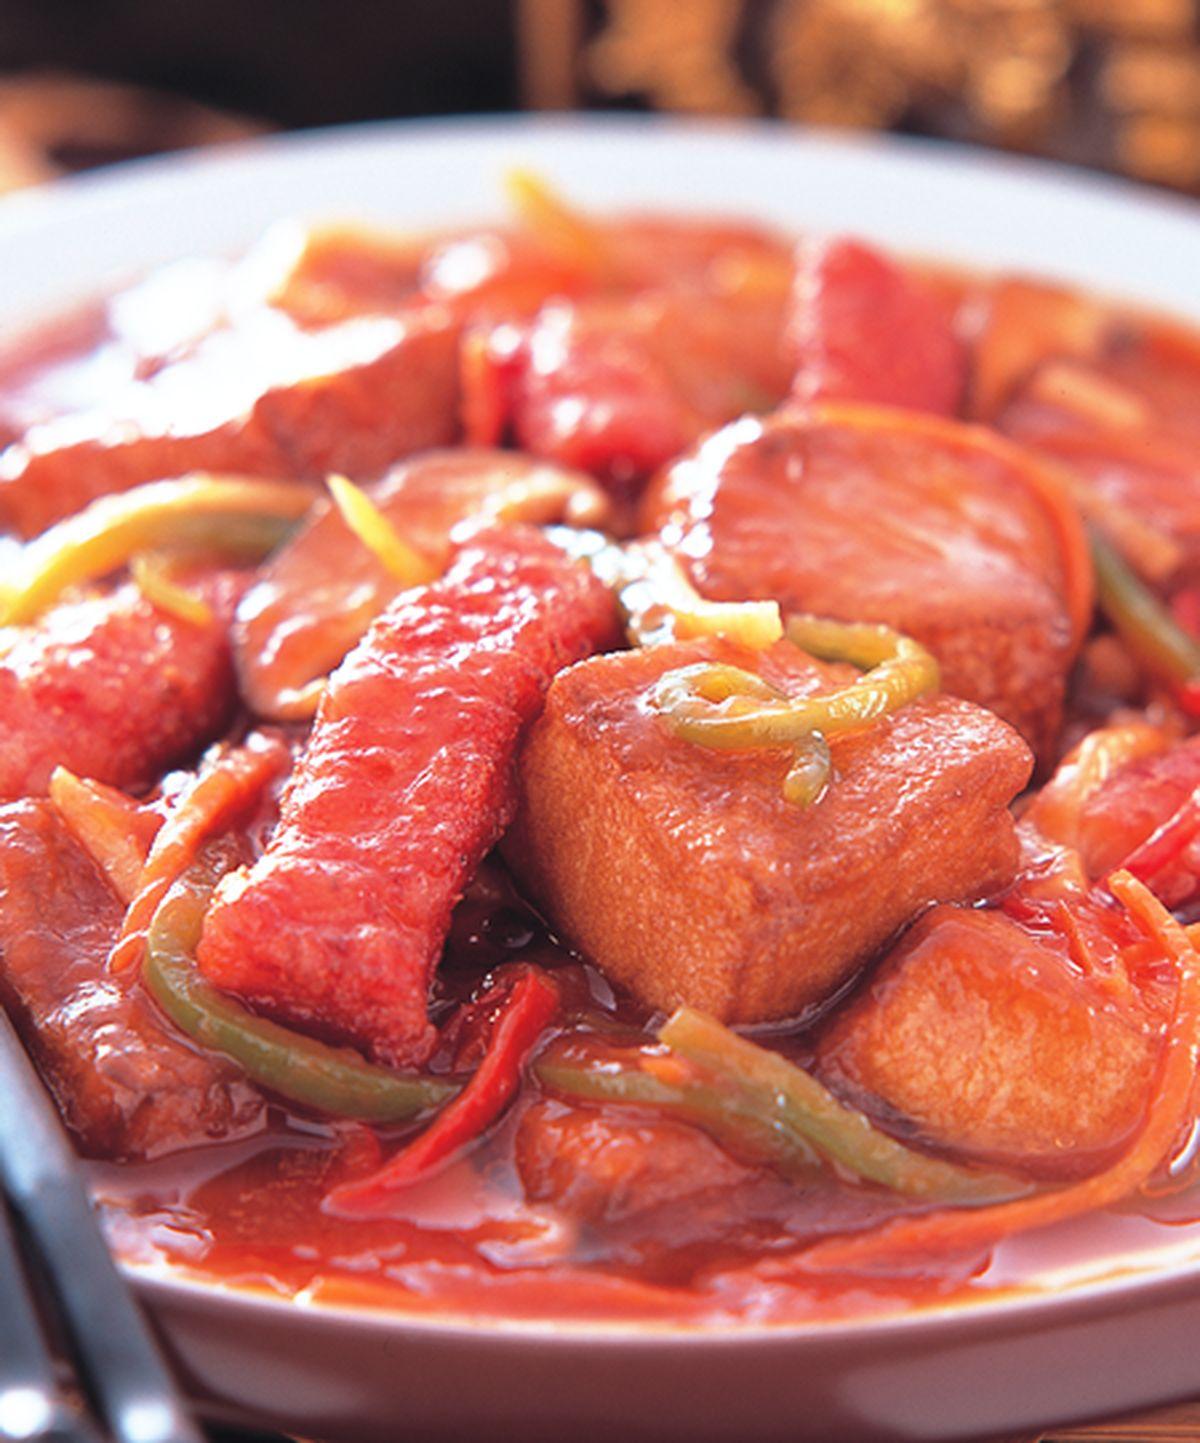 食譜:糖醋肉柳蛋豆腐